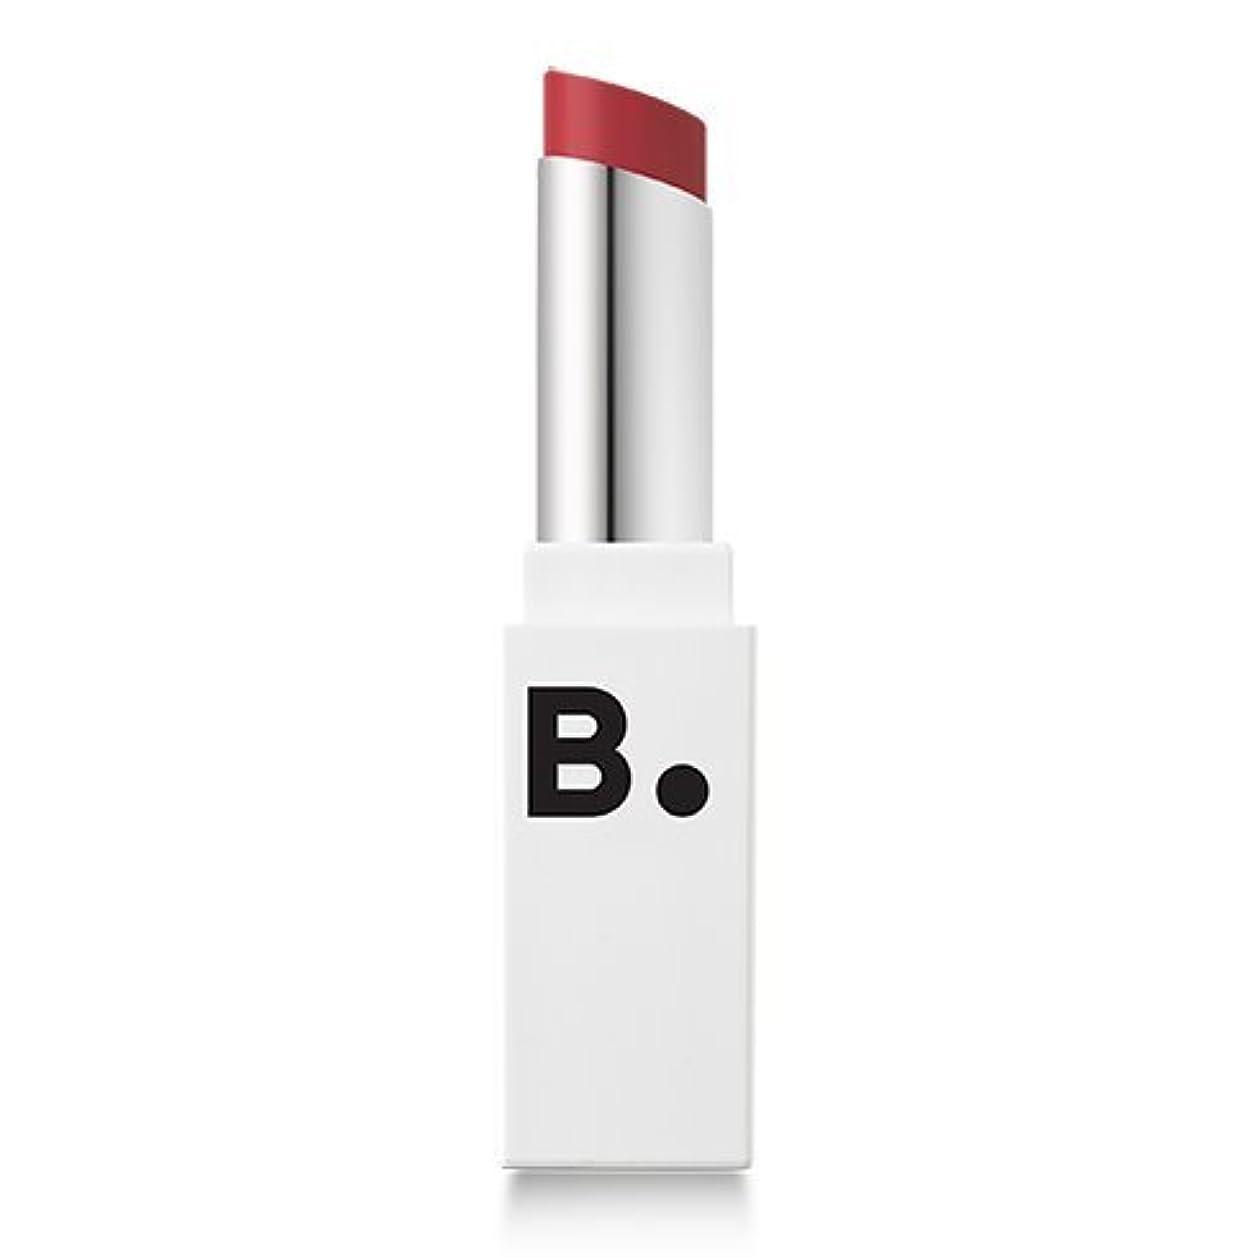 困難反響するはちみつBANILA CO Lip Draw Matte Blast Stick 4.2g/バニラコ リップ ドロー マット ブラスト スティック 4.2g (#MPK02) [並行輸入品]